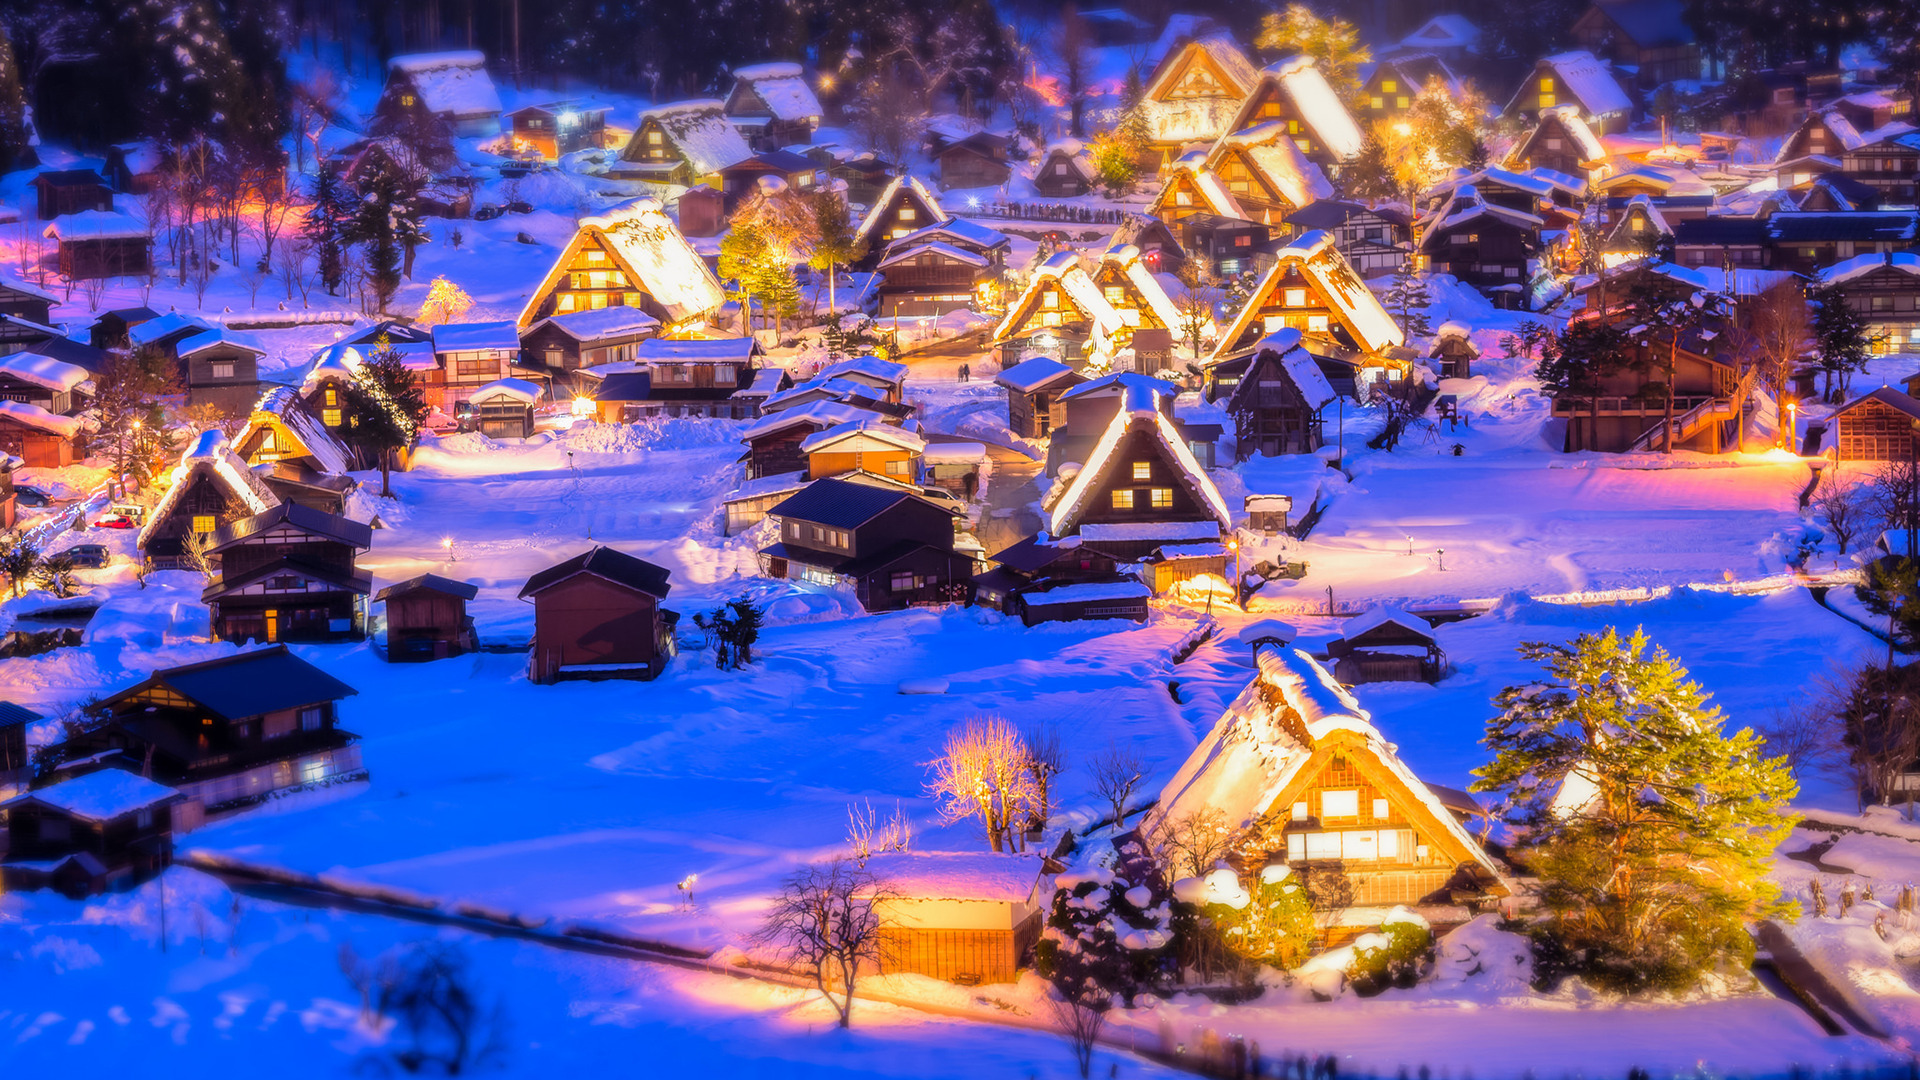 Картинки новогодний стол в деревне